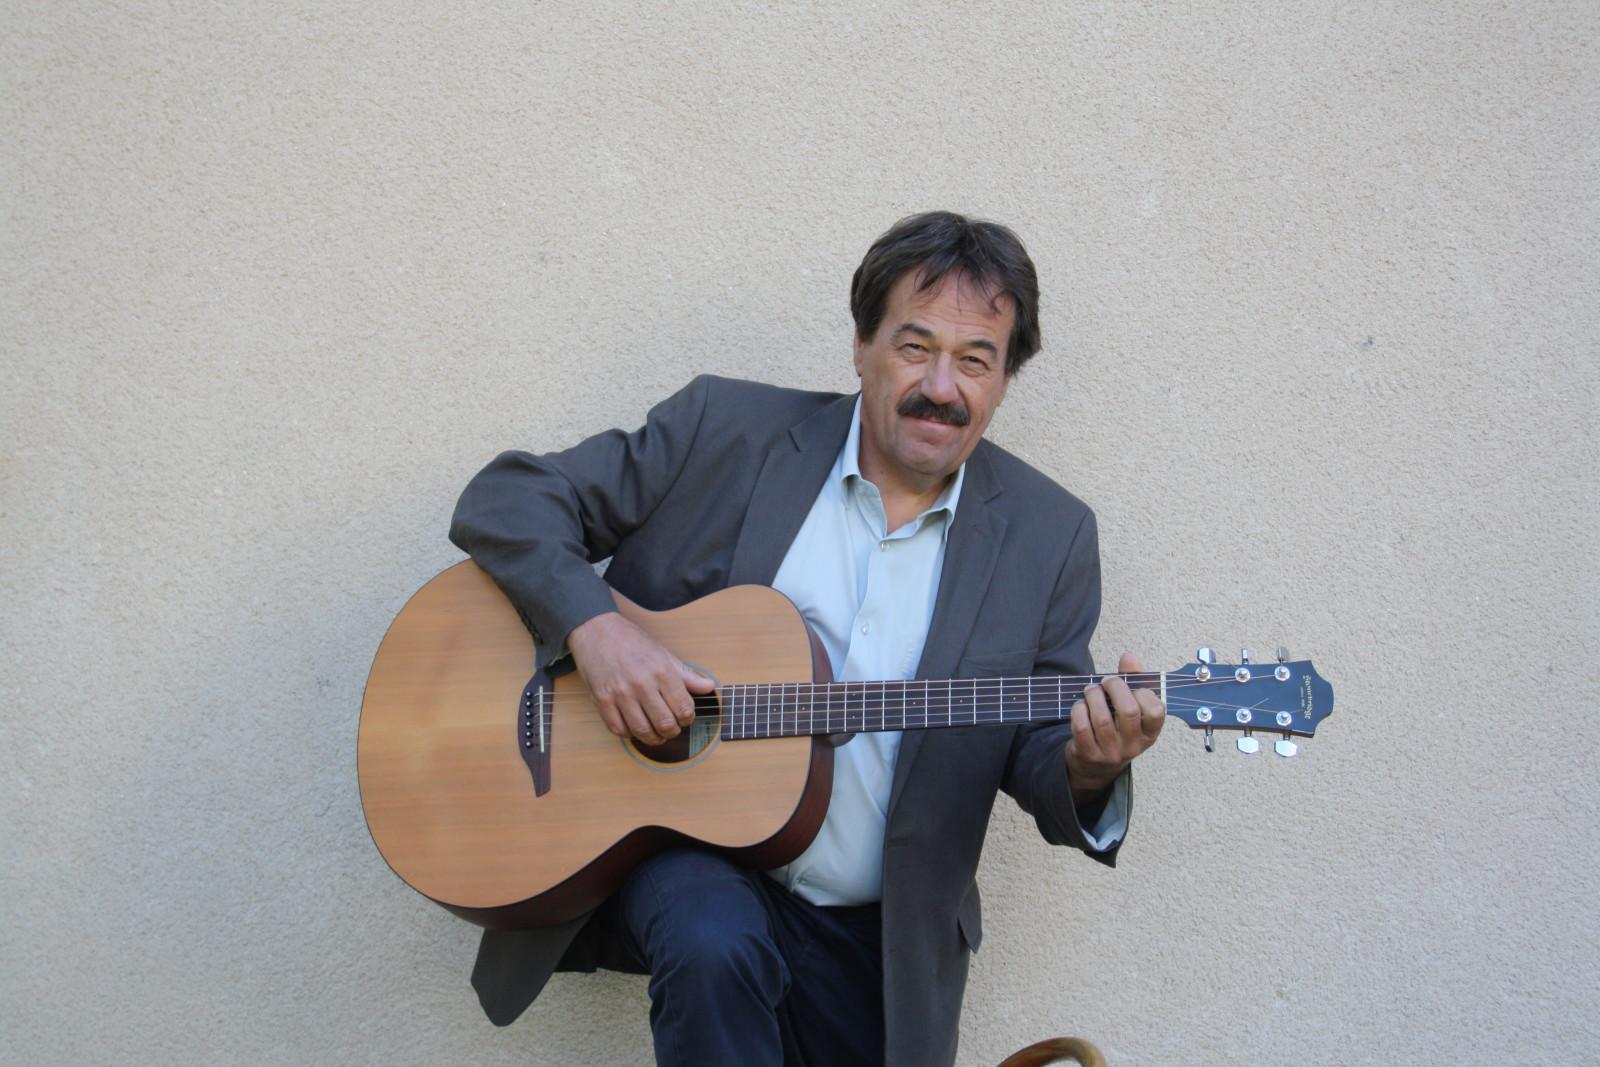 Mit Gitarre ist auch er gesanglich unterwegs.